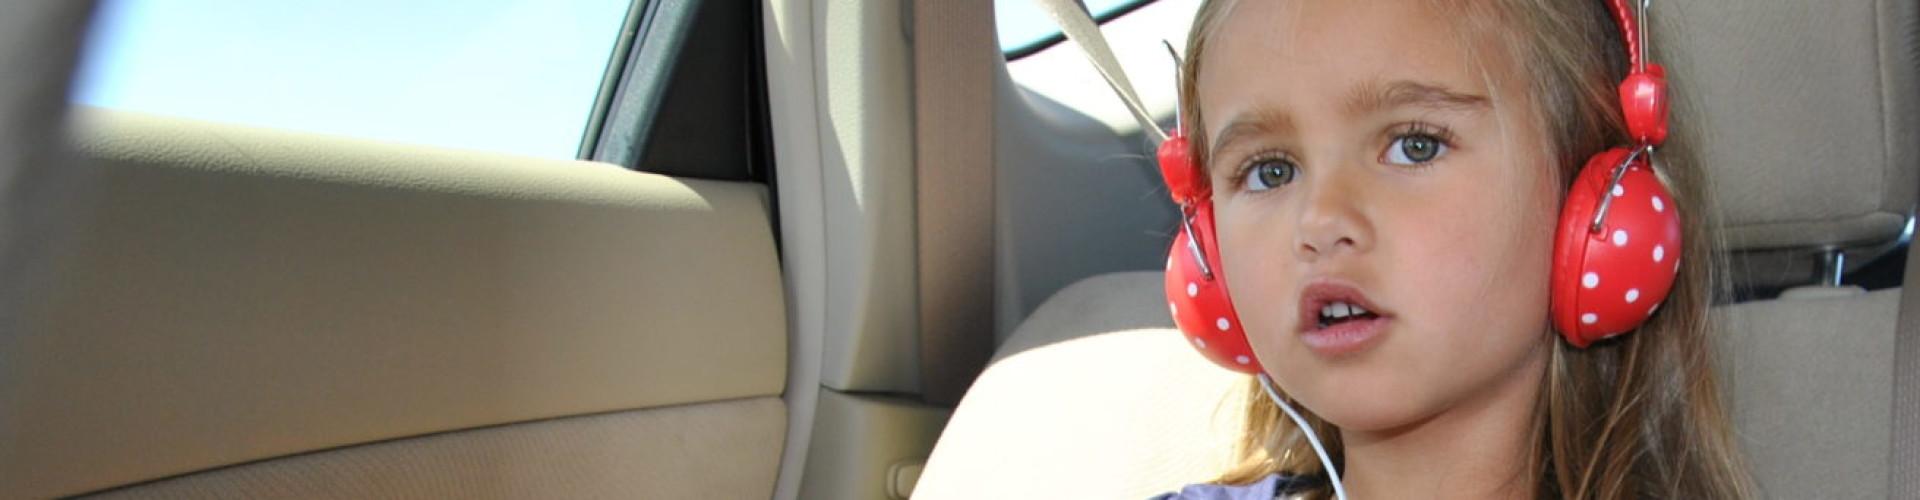 Roadtrippen met kinderen